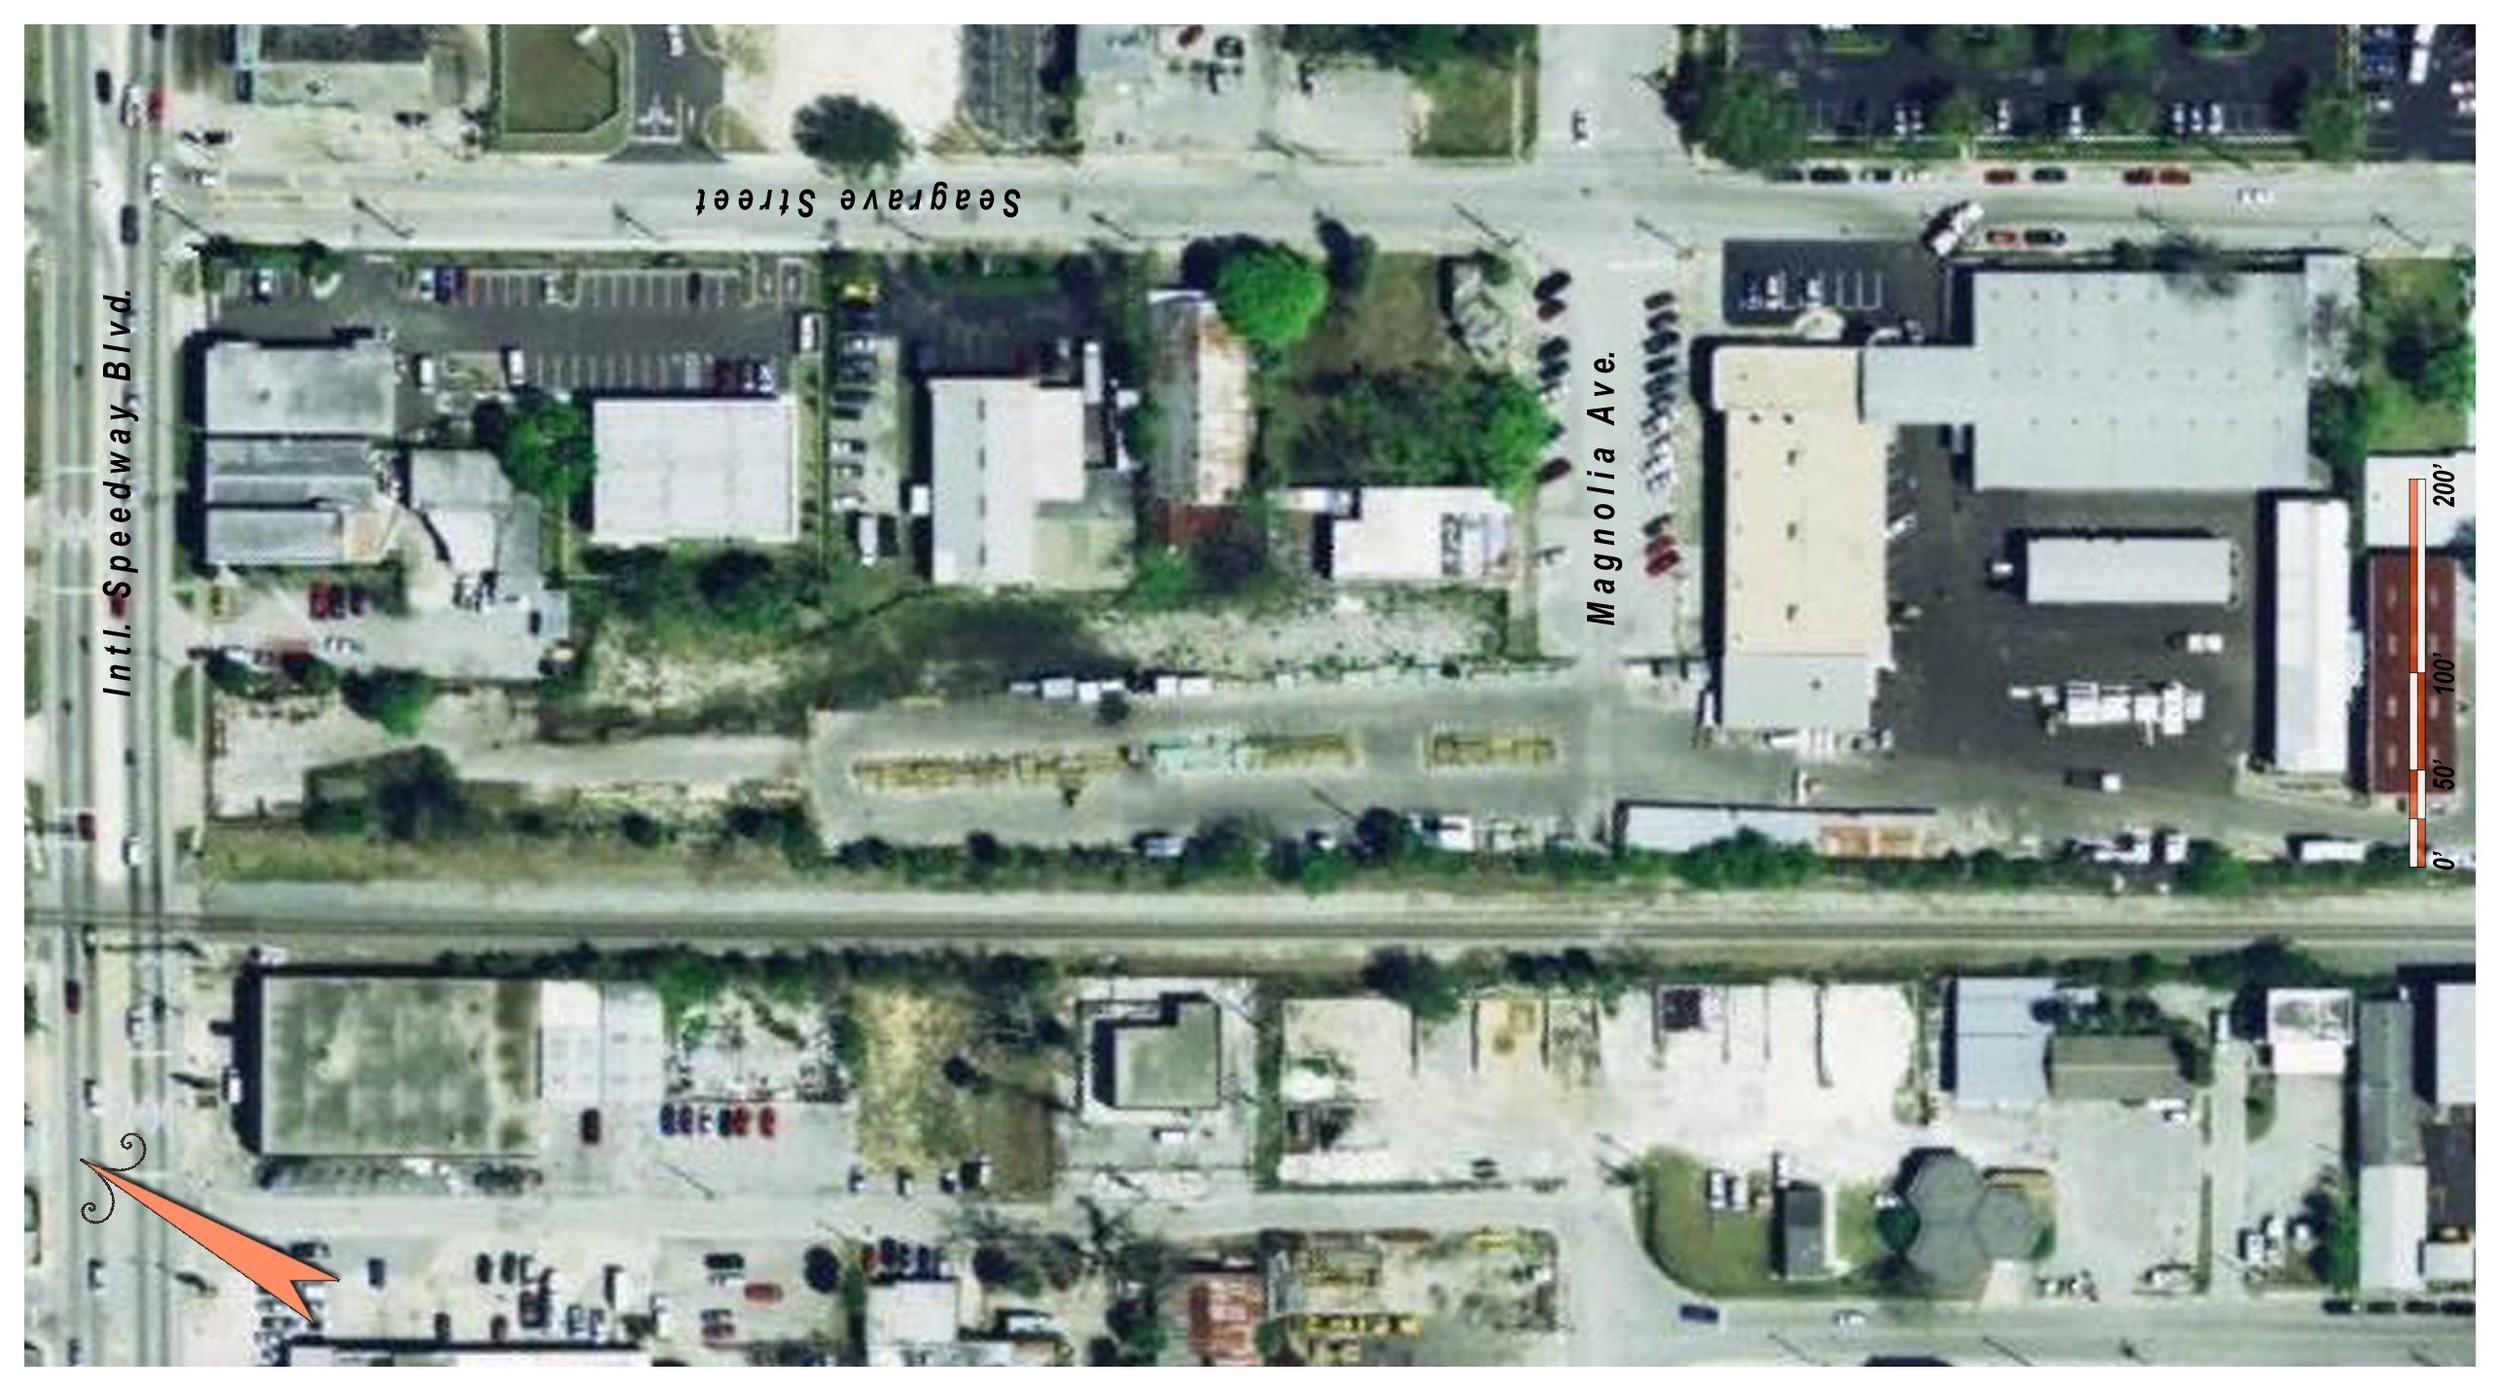 03 Magnolia Aerial.jpg